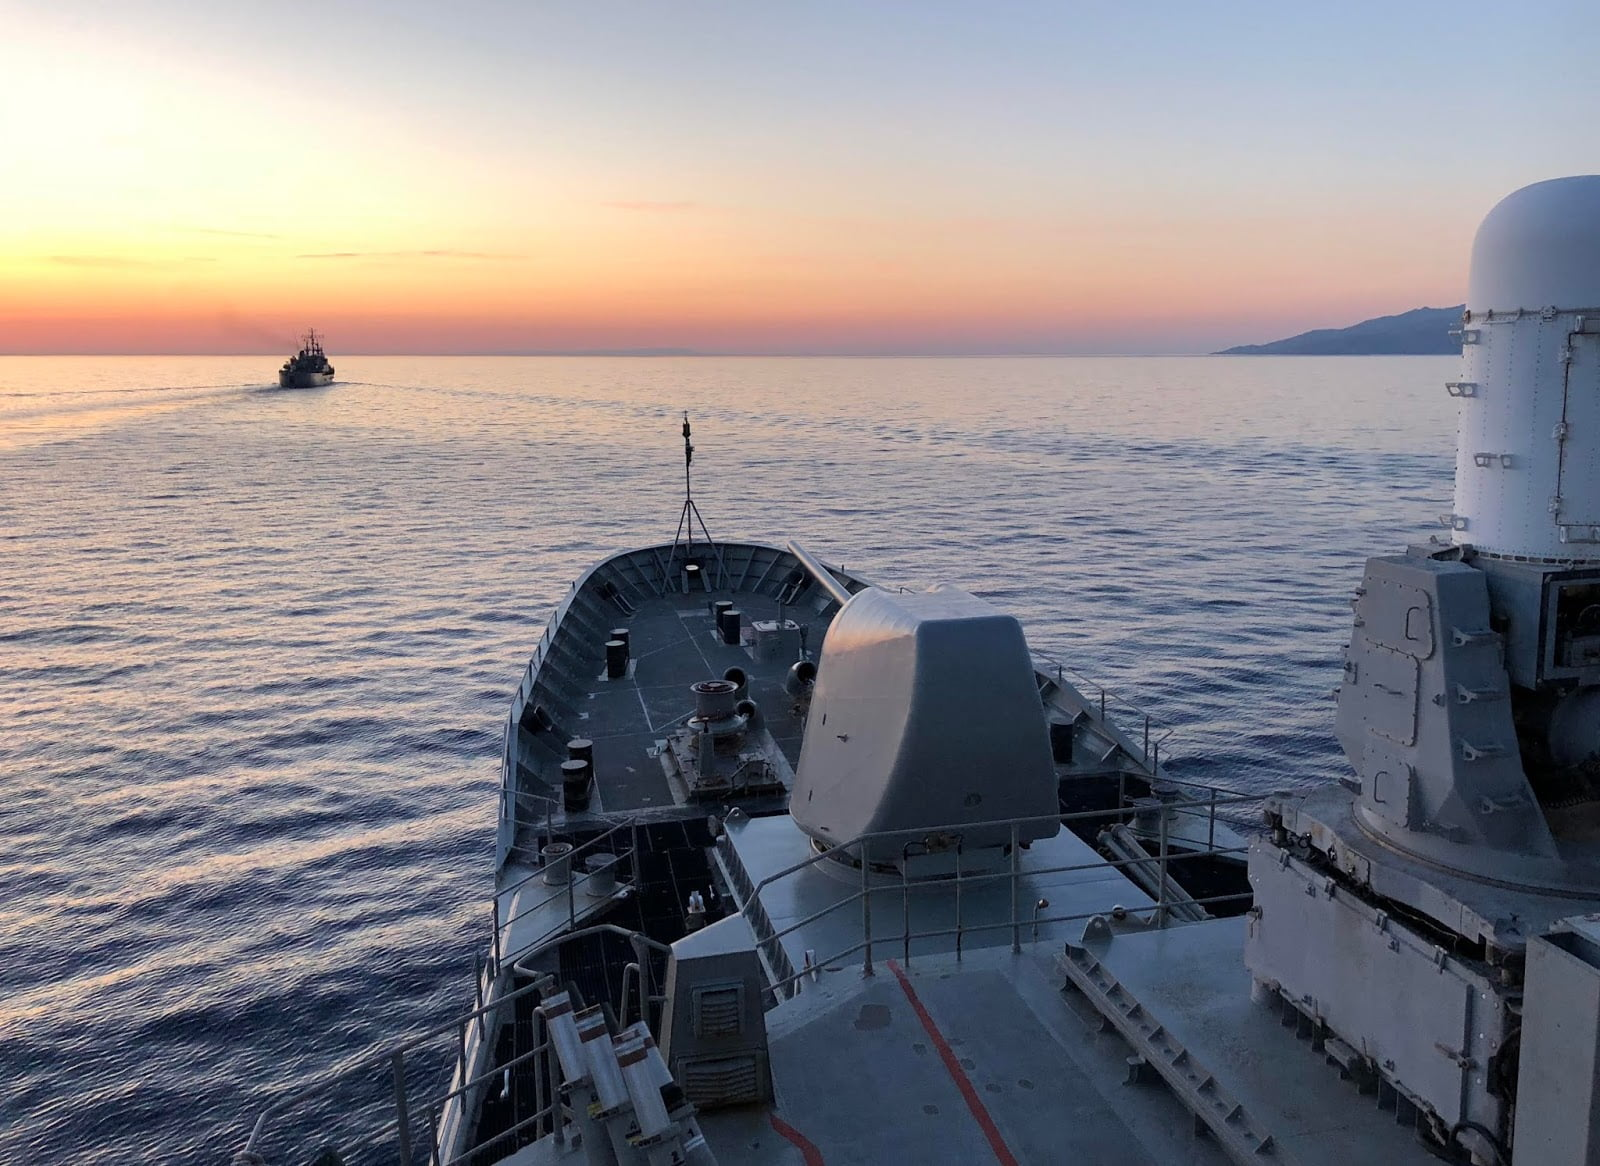 Οι Τούρκοι αρνήθηκαν πρόσκληση της Ελλάδας στη συμμαχική «ΝΗΡΗΙΣ 2019» στο Αιγαίο και προκαλούν με νέα δική τους ναυτική άσκηση